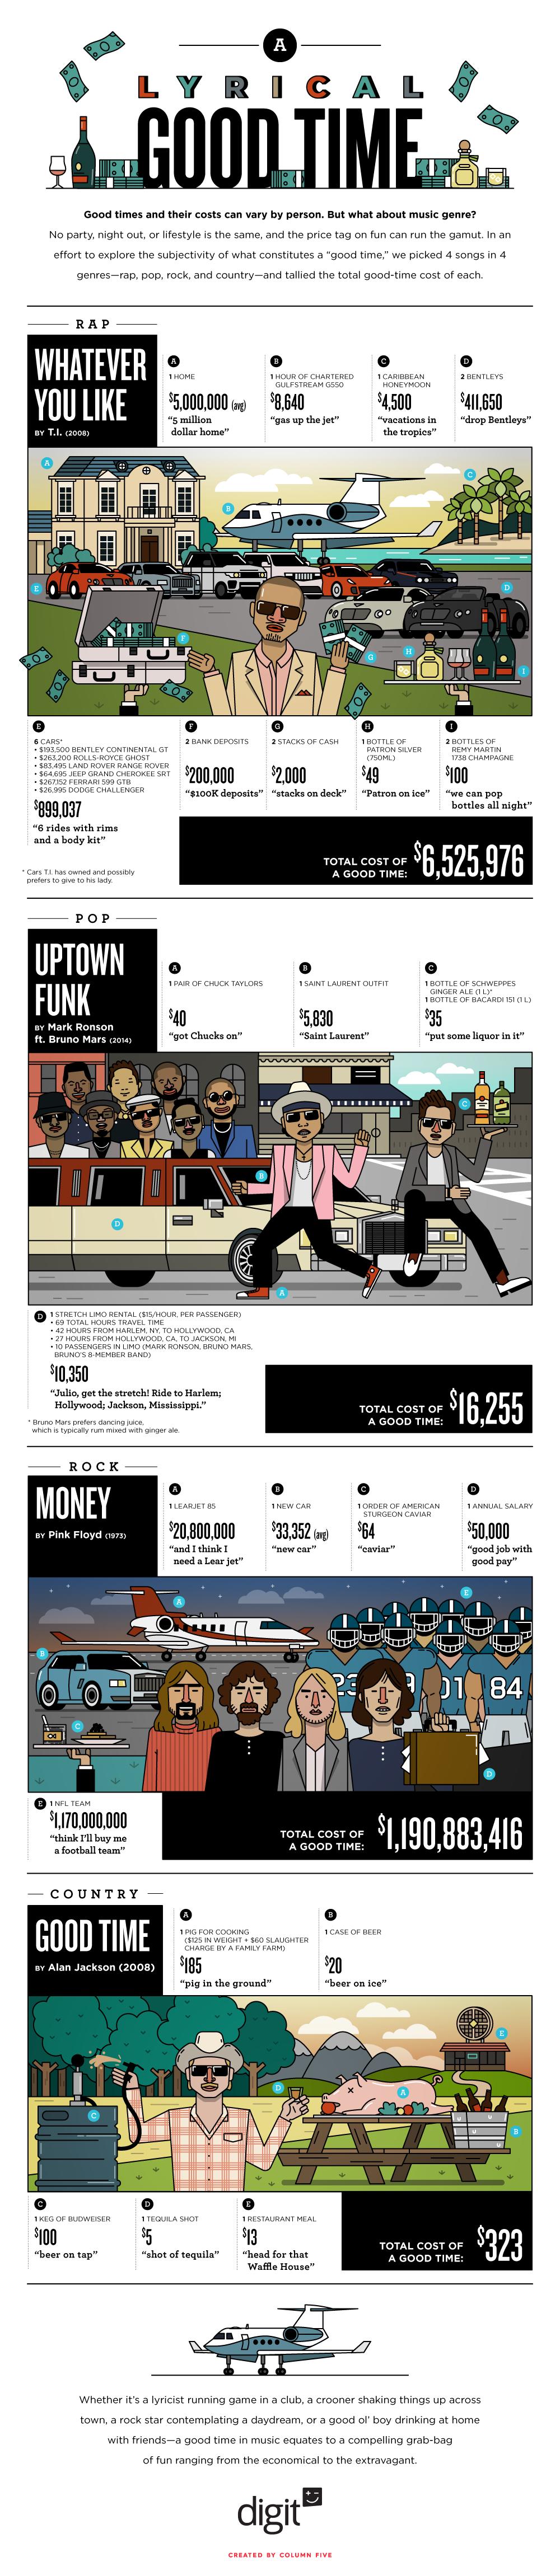 Infographic Kosten van plezier volgens muziek video's